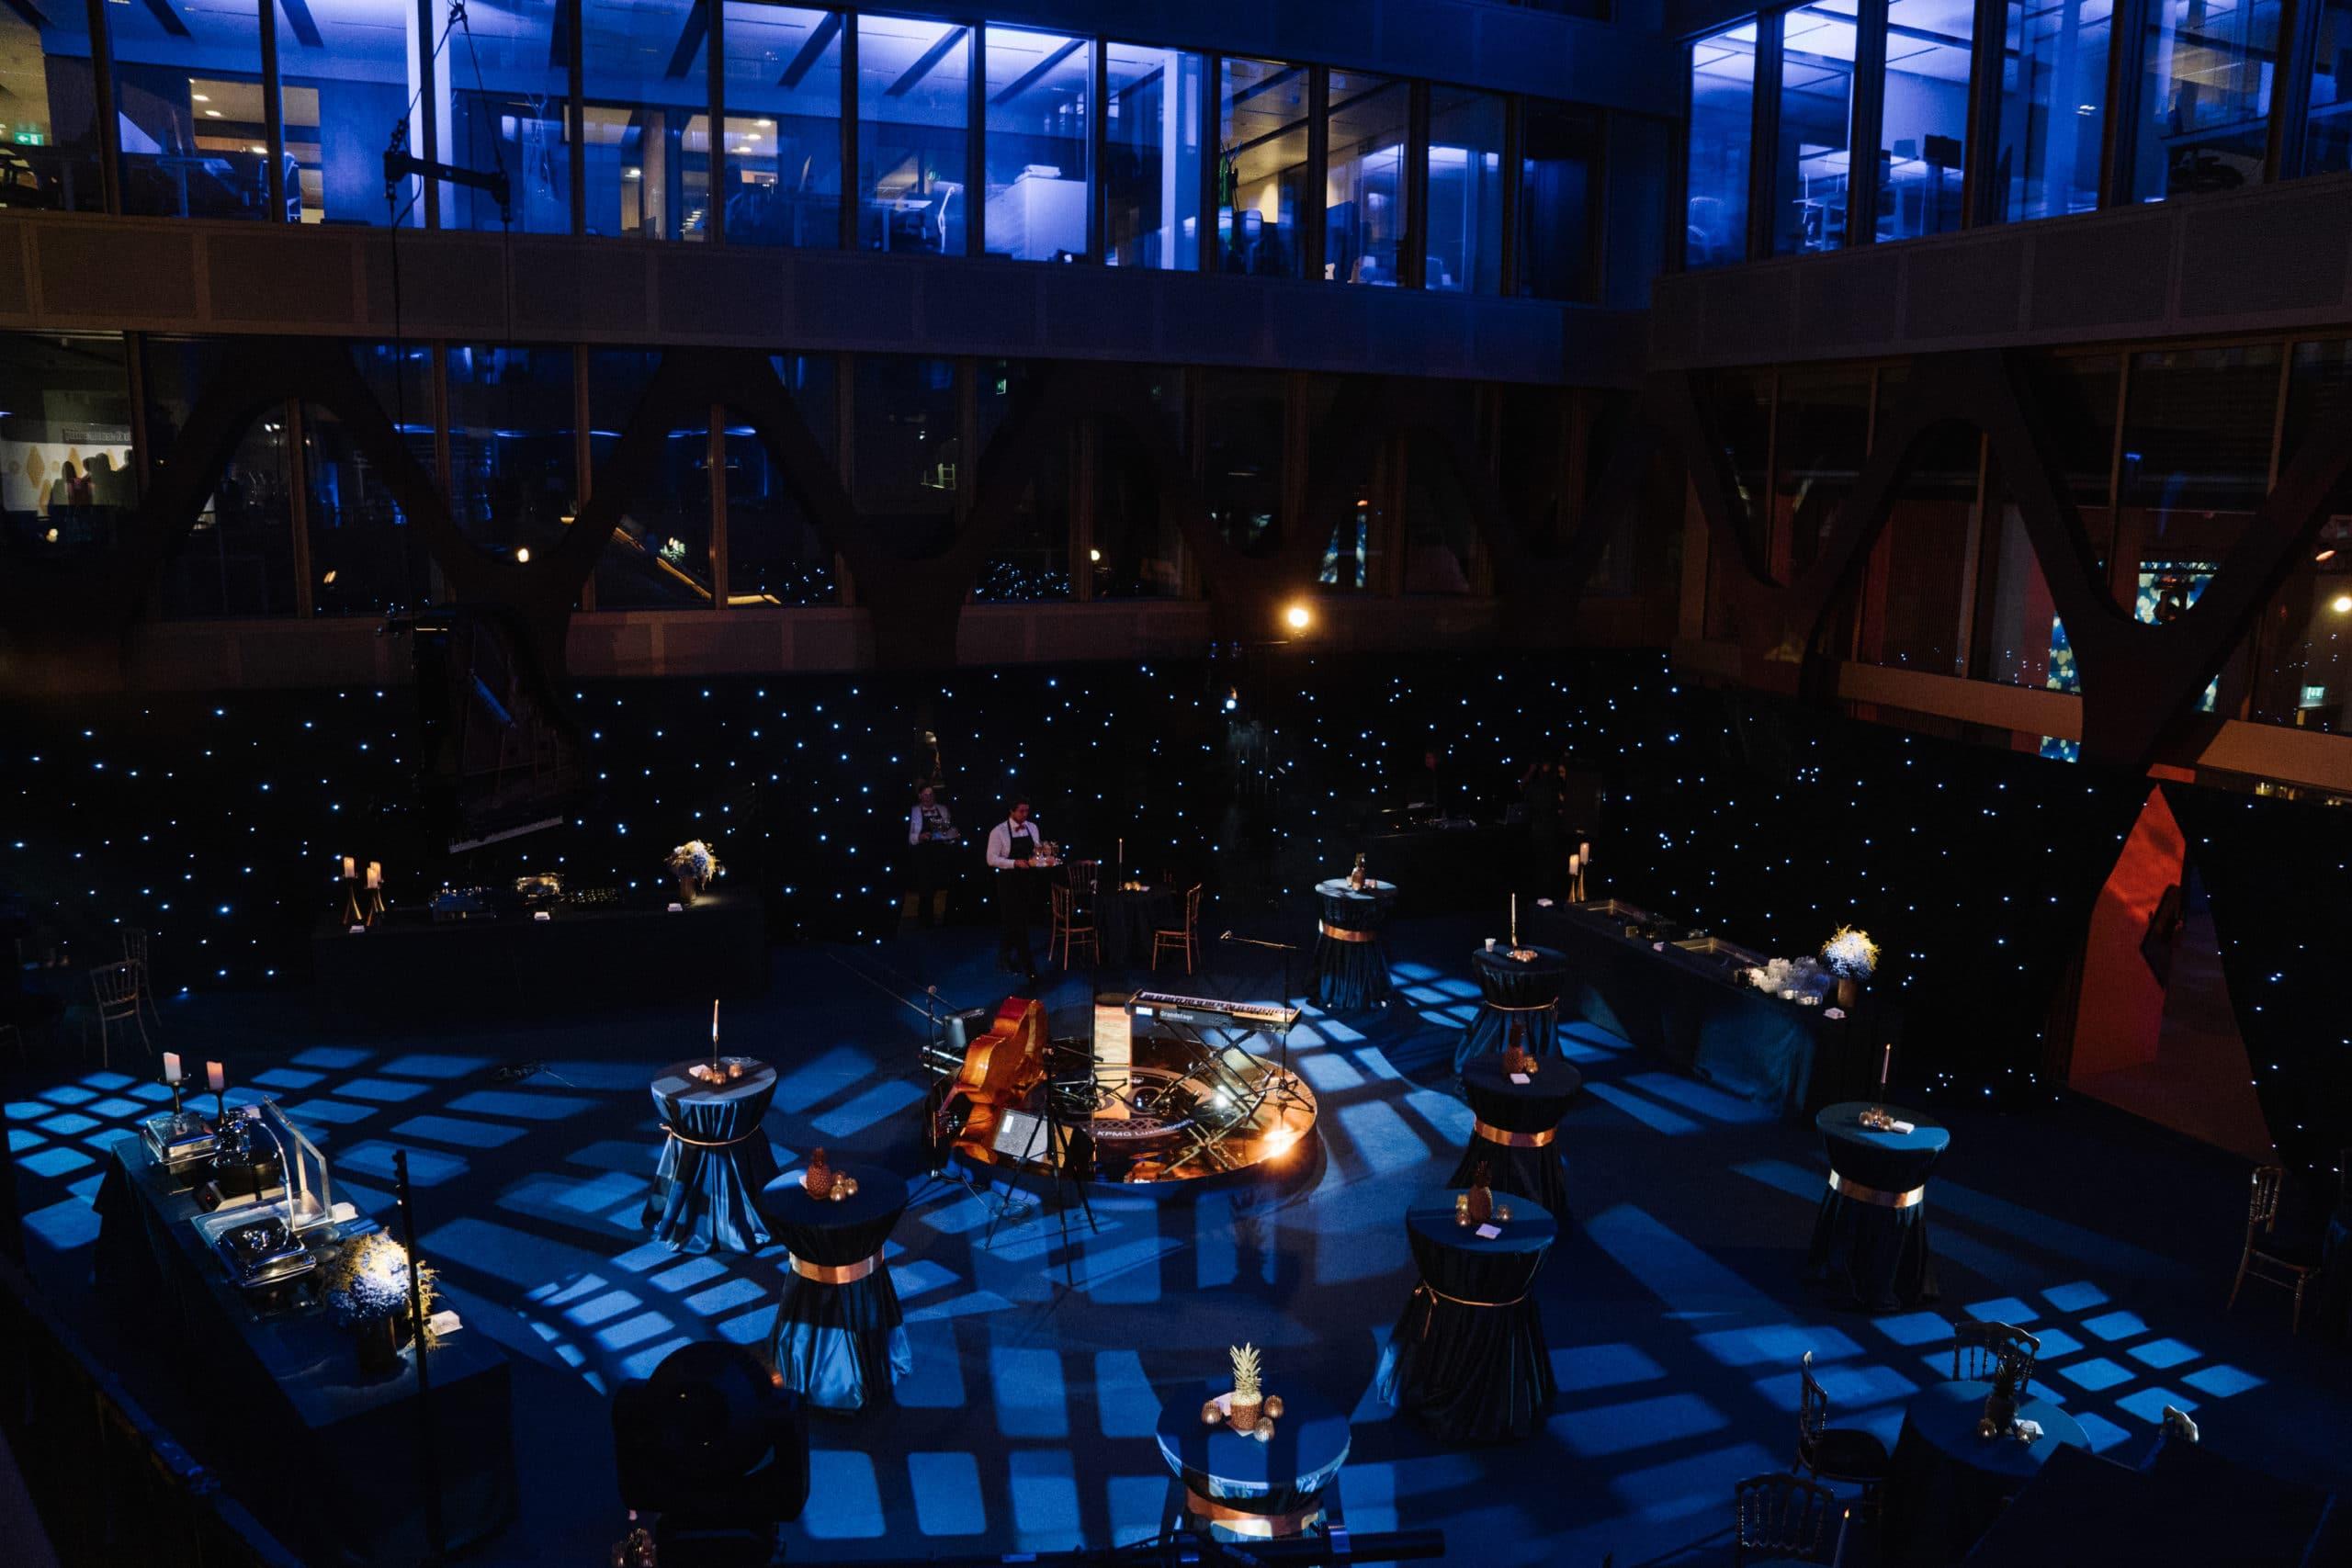 Shine a light agence évènementielle luxembourg - créateur d'expériences immersives - 30ème anniversaire KPMG